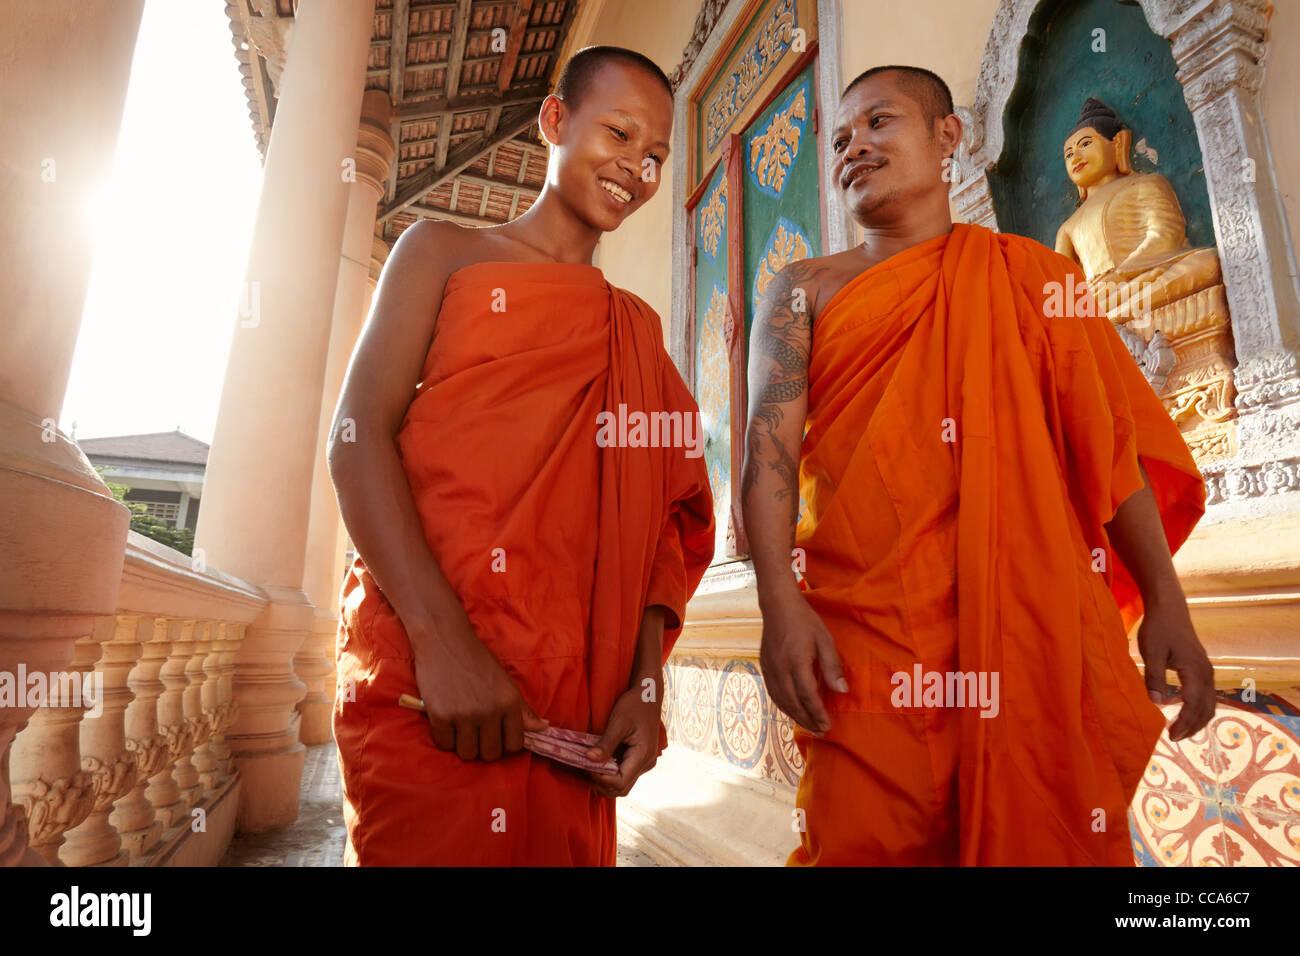 Los dos monjes budistas reunión y saludando en un templo, en Phnom Penh, Camboya, Asia. Dolly shot Imagen De Stock